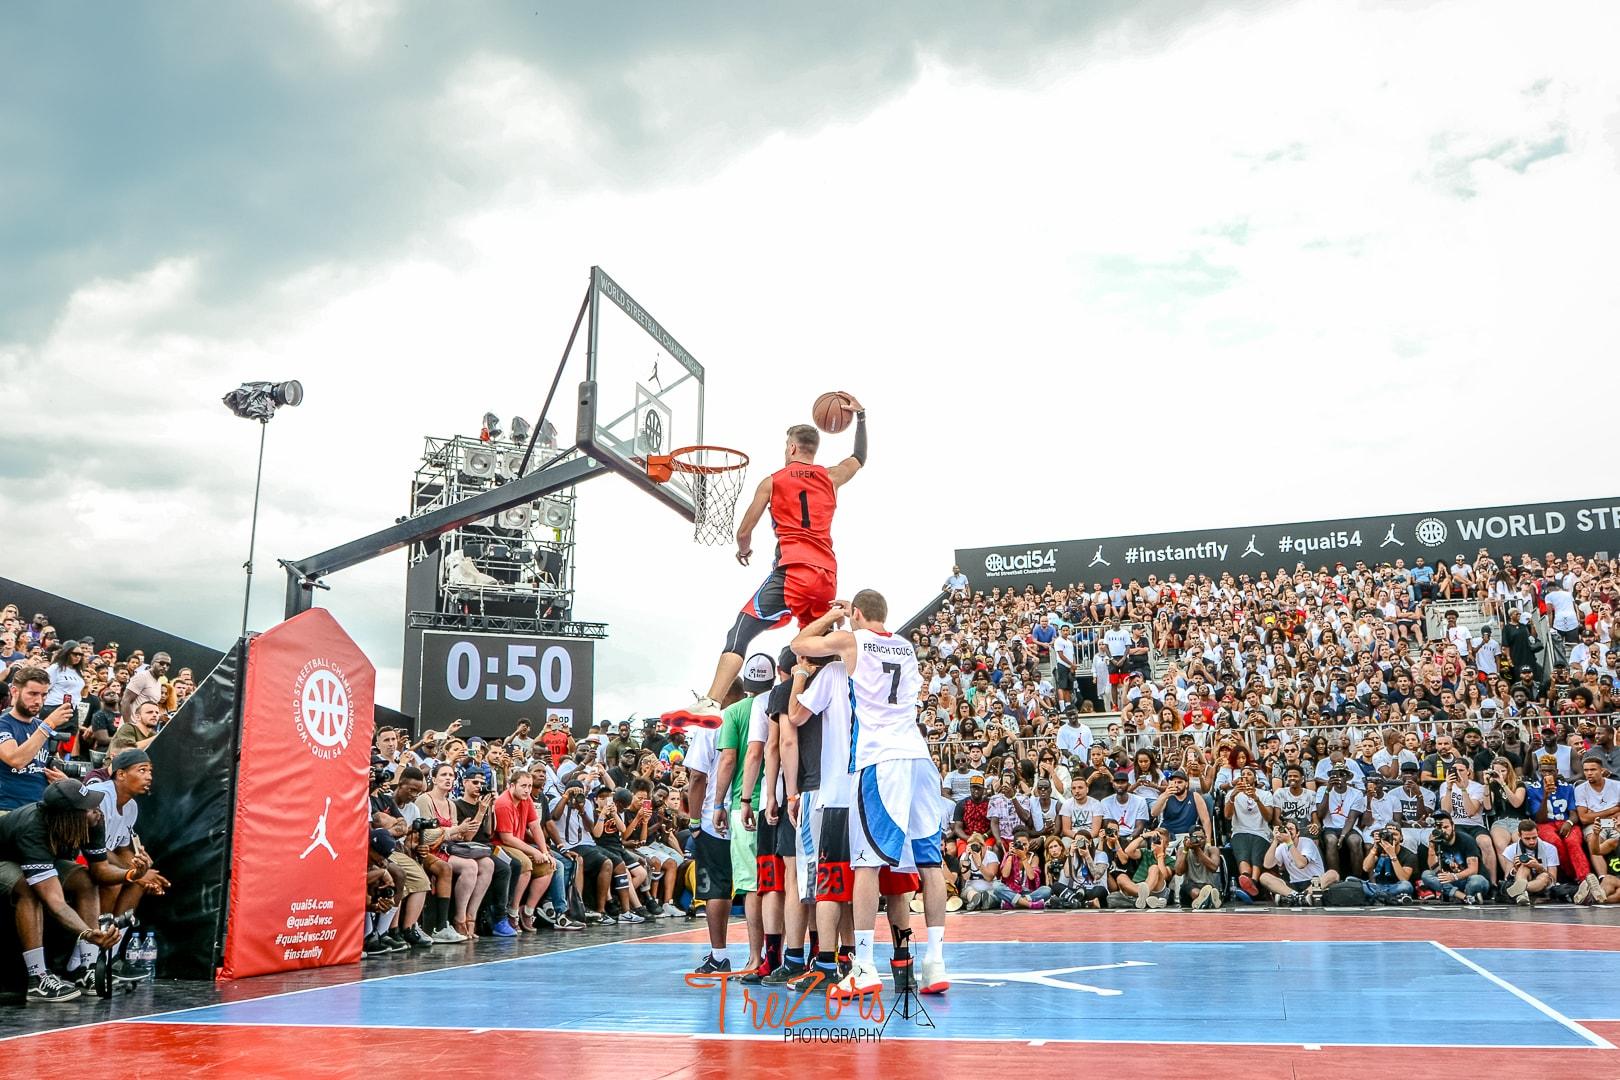 trezors-photography-photographe-professionnel-toulouse-31-sport-lifestyle-quai-54-dunk-contest